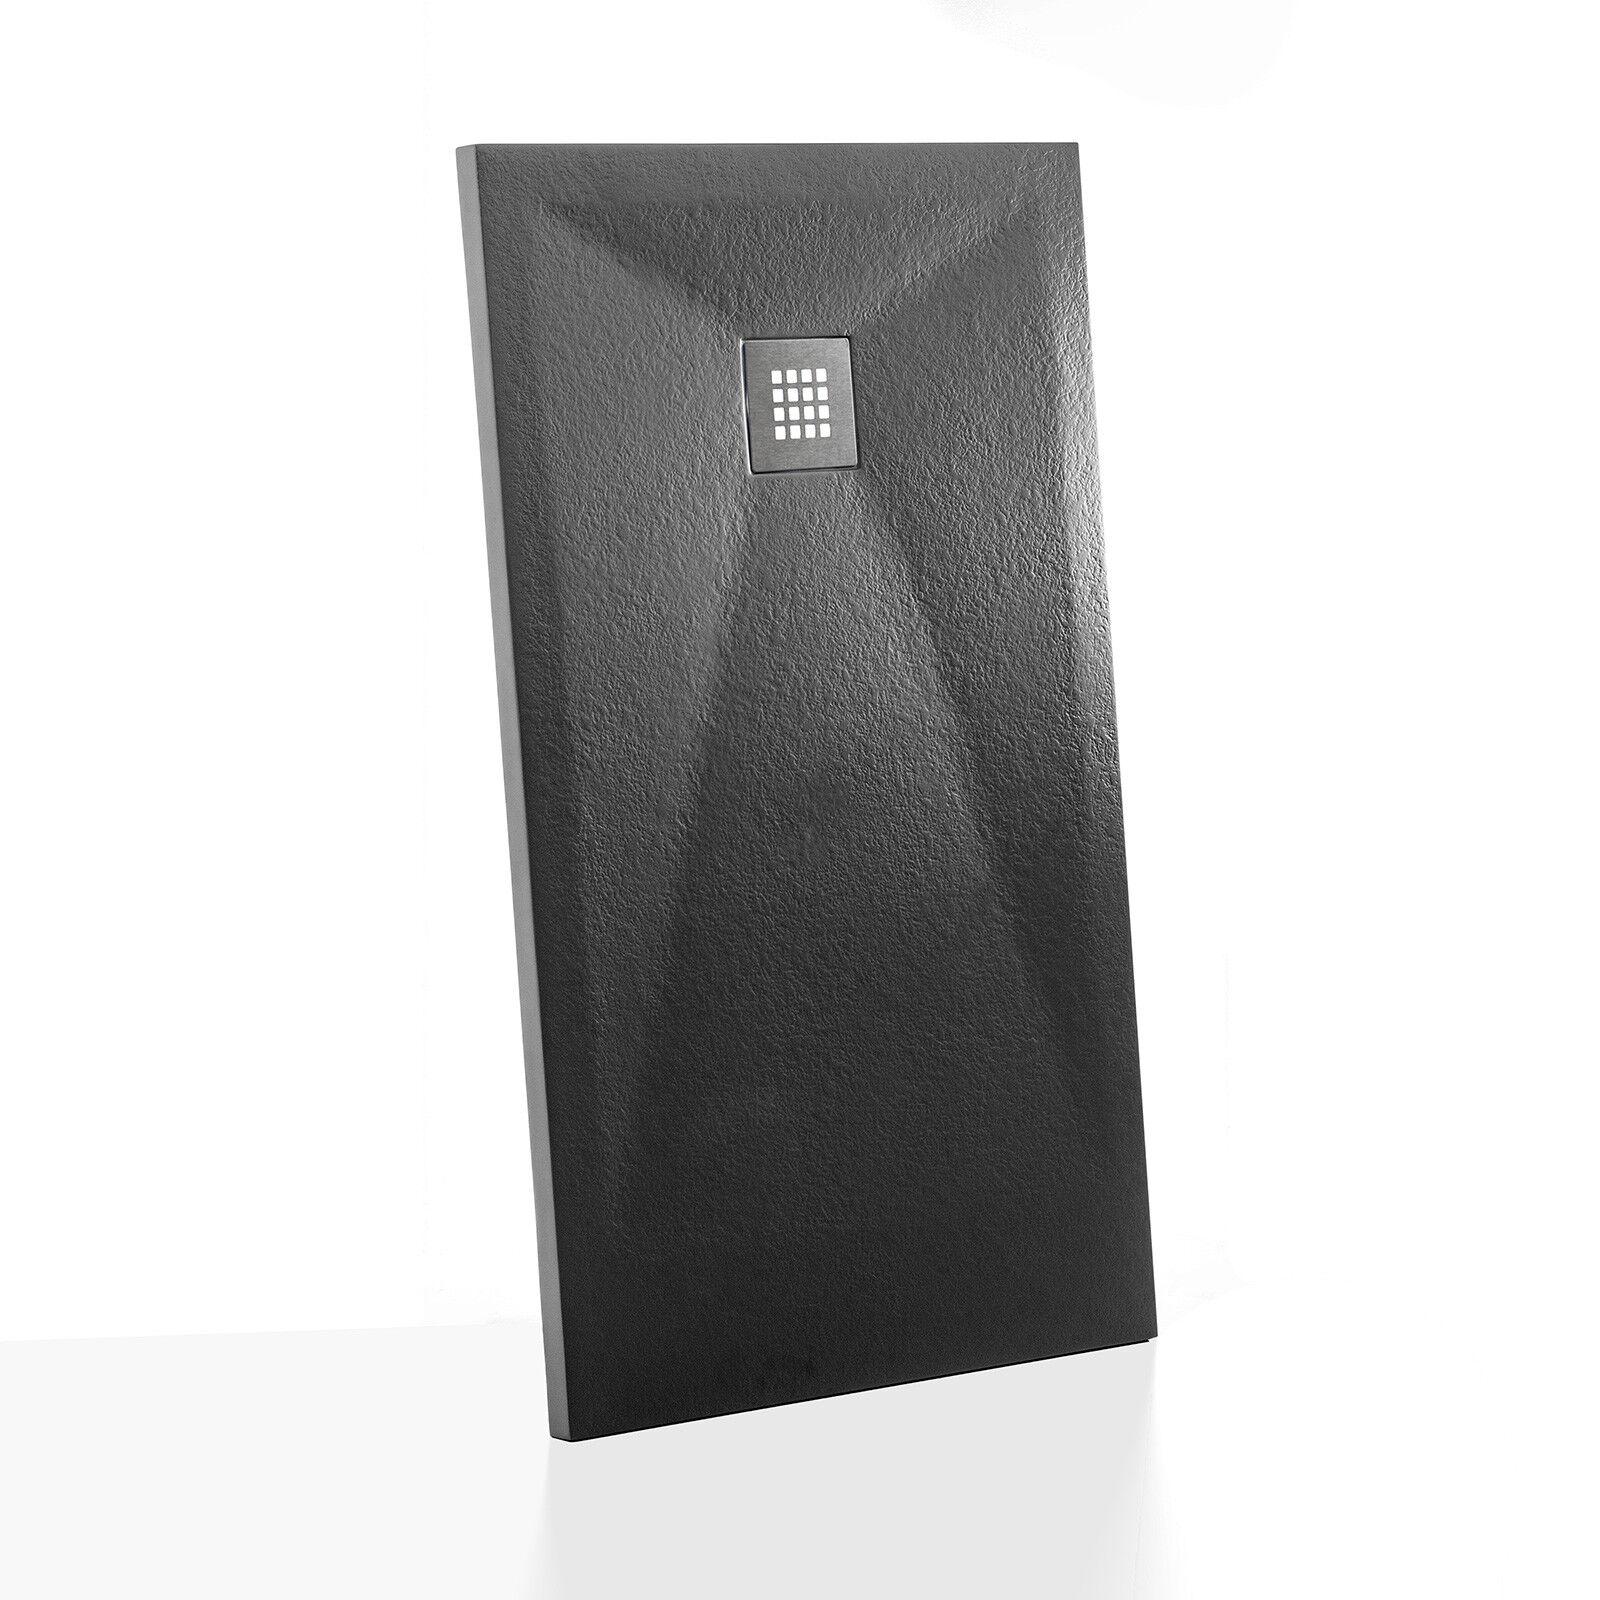 Piatto doccia 70x150 antracite profilo ribassato Flix effetto pietra riducibile